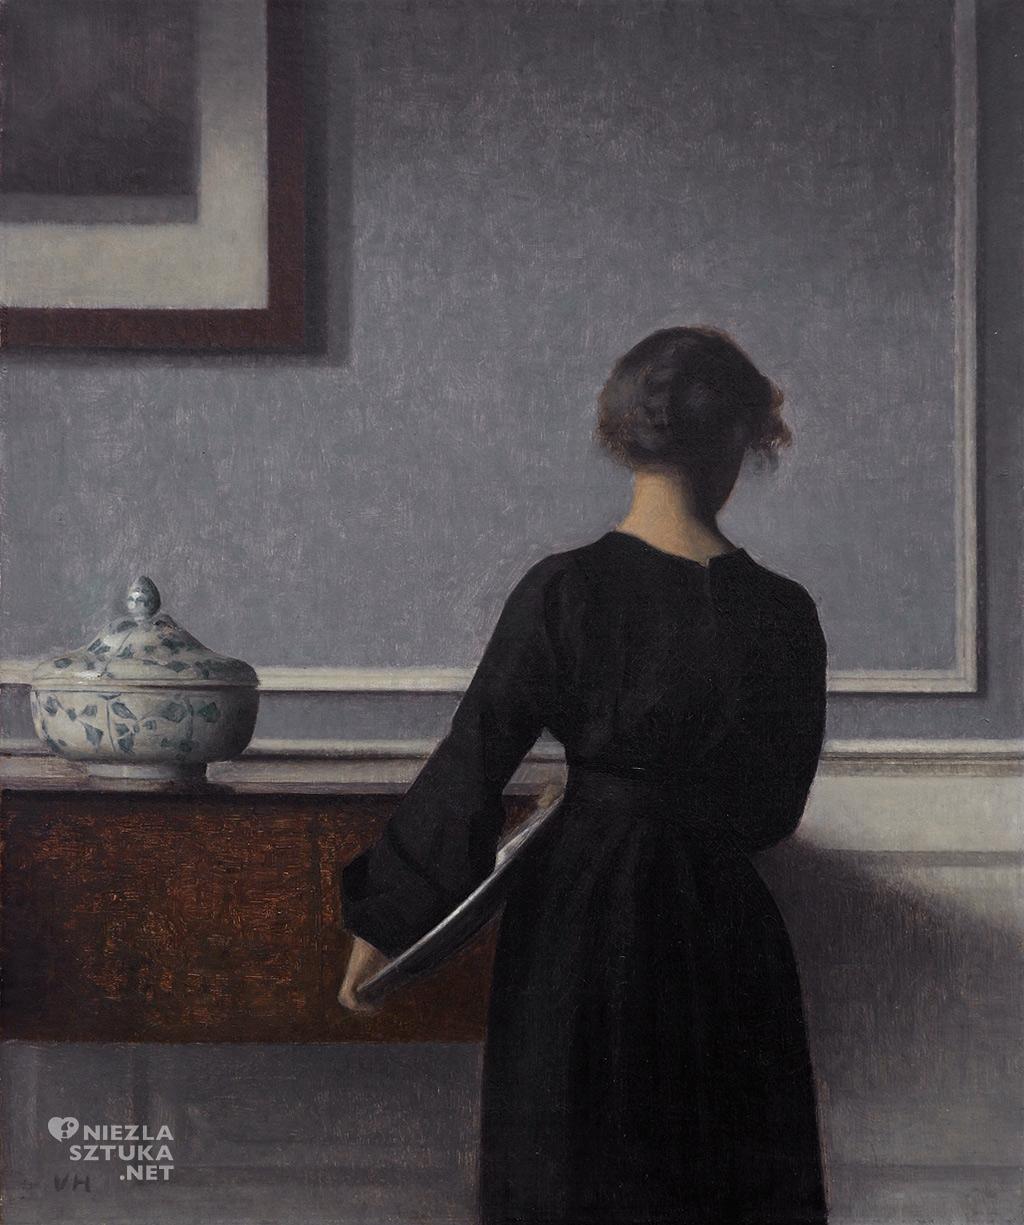 Vilhelm Hammershøi, Wnętrze z kobietą tyłem, 1904, Randers Kunstmuseum